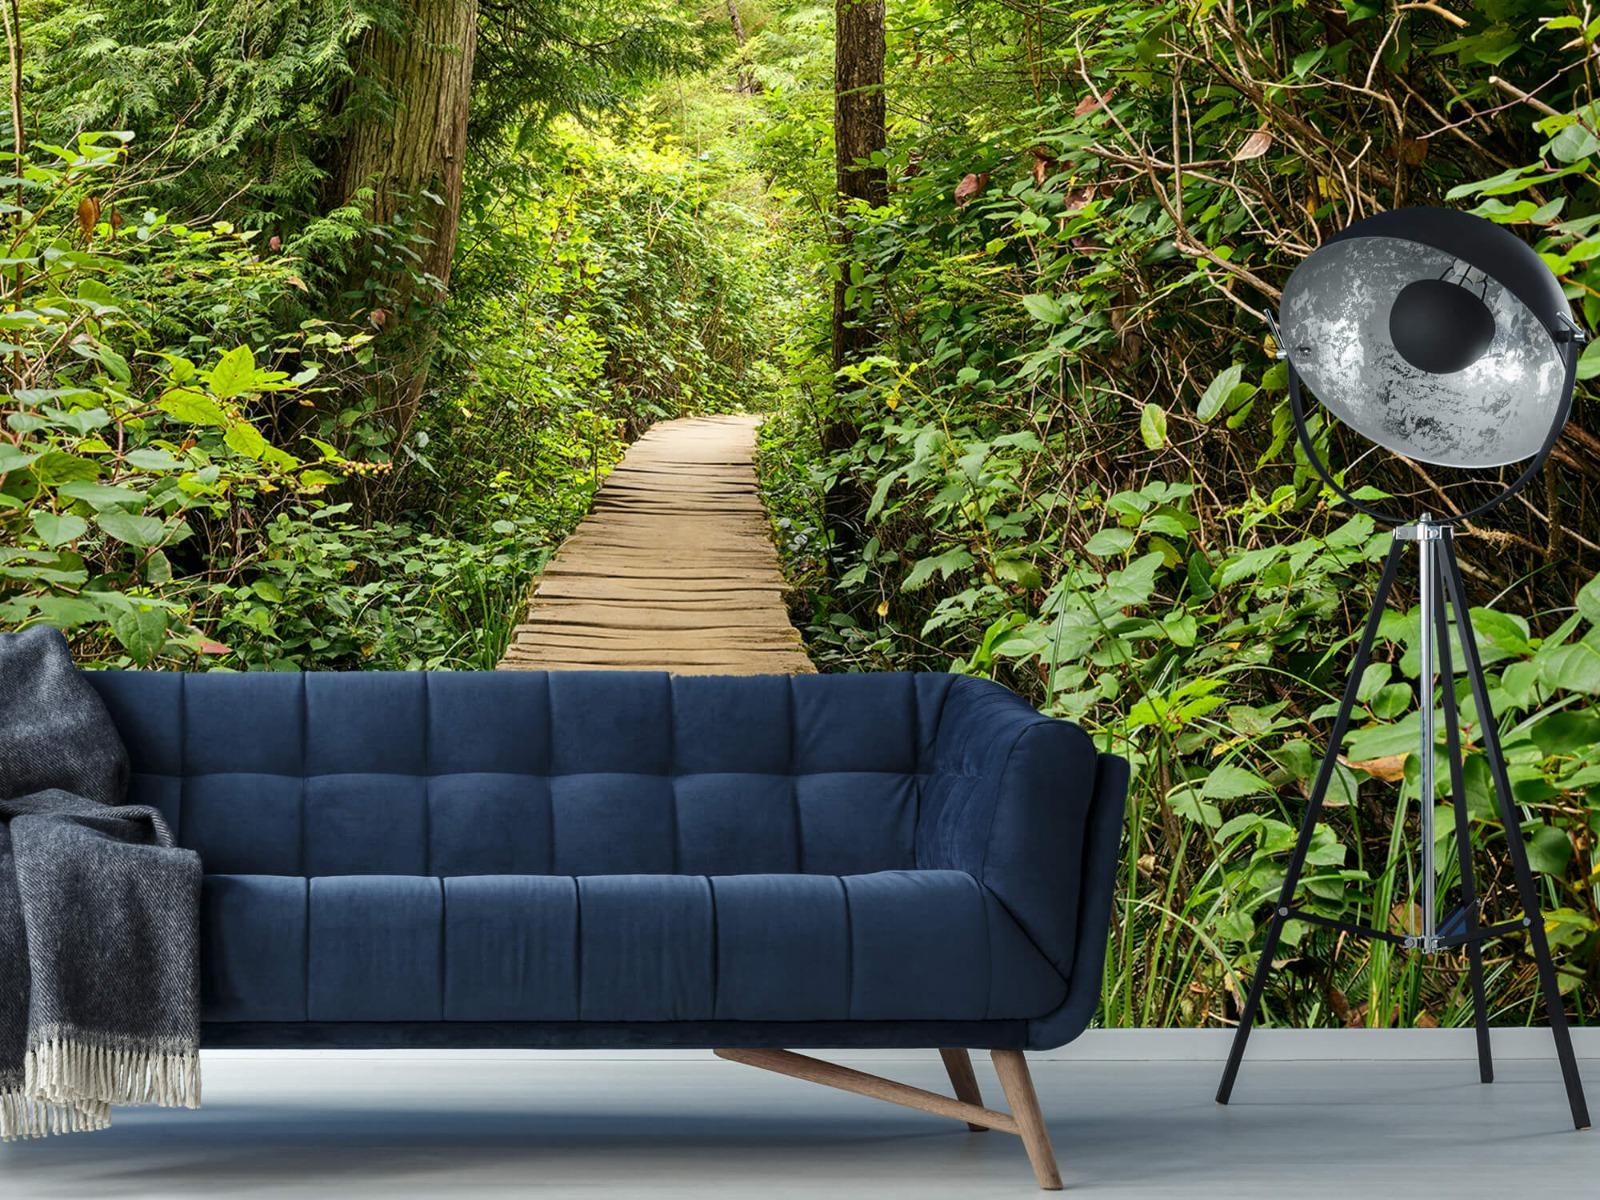 Bos behang - Houten pad door het groen - Slaapkamer 4